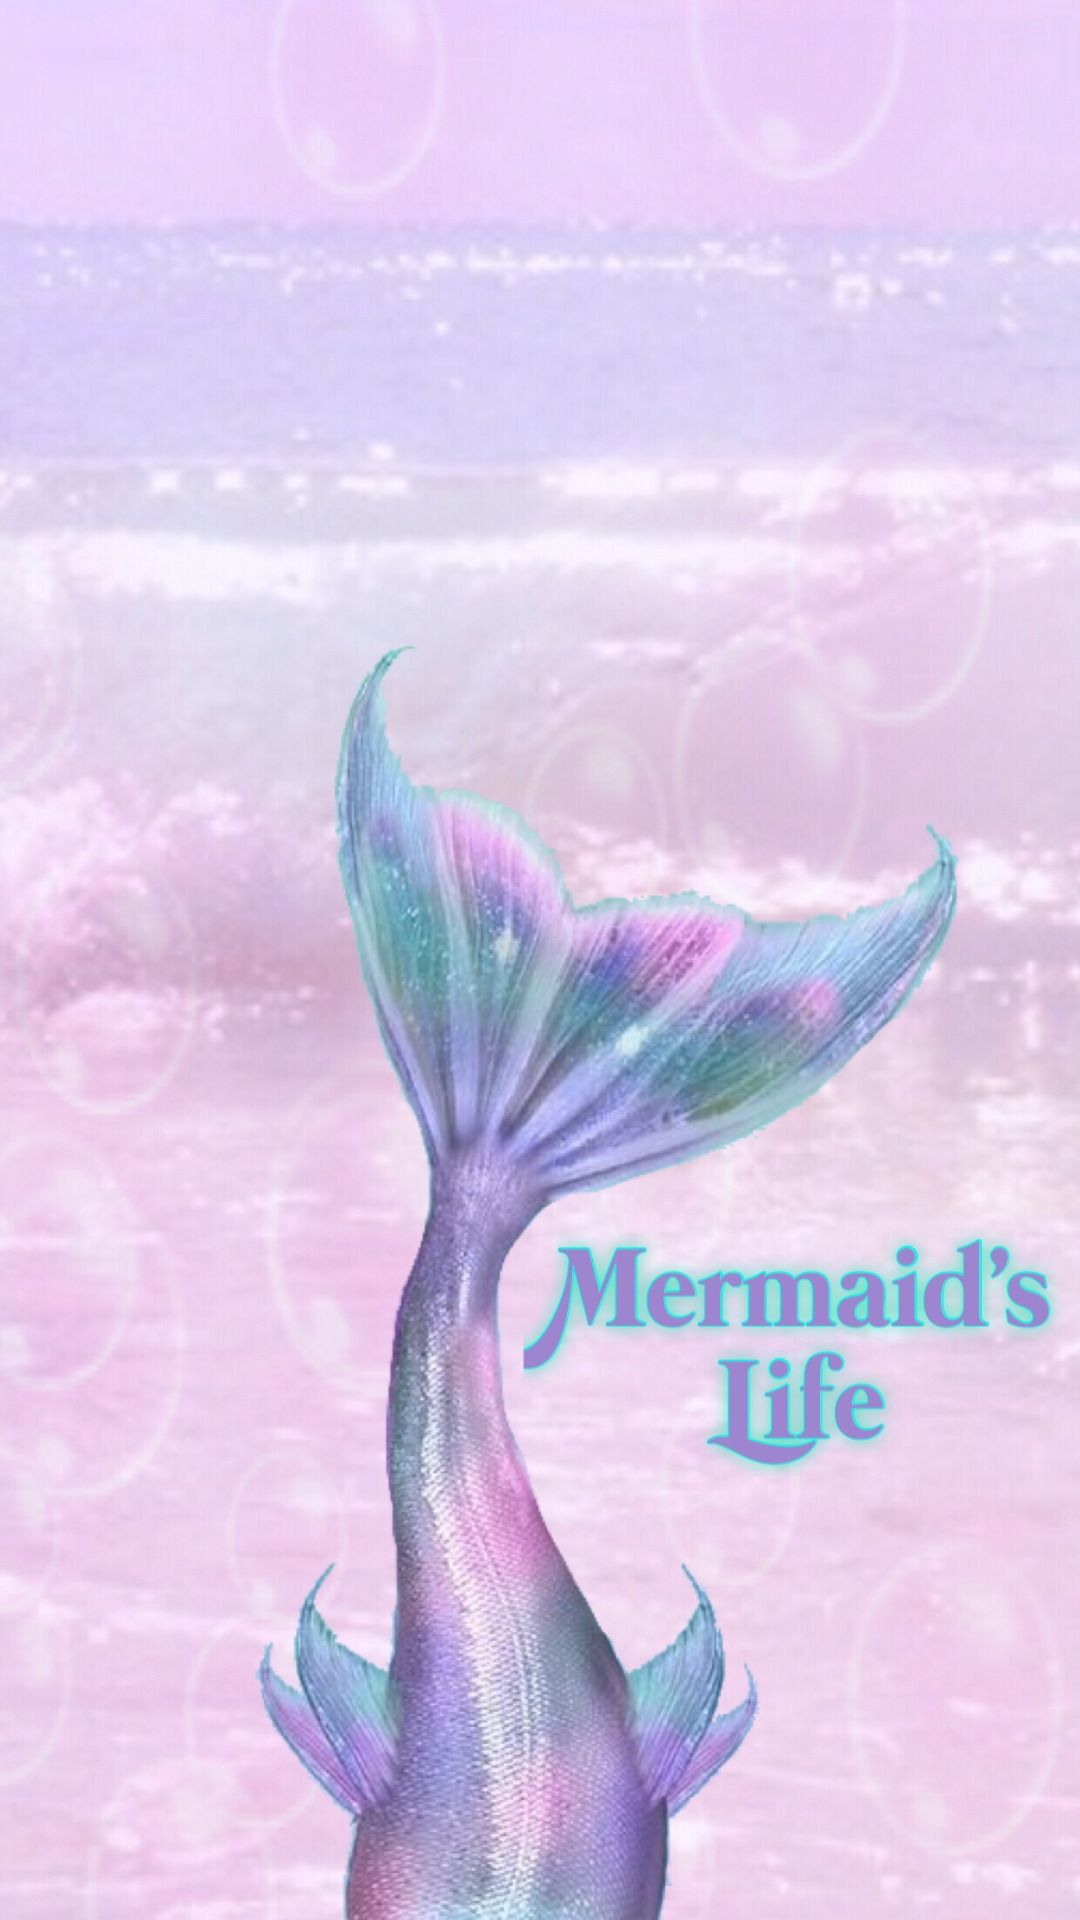 Mermaid Wallpapers Mermaid Wallpaper Backgrounds Mermaid Wallpaper Iphone Anime mermaid iphone wallpaper